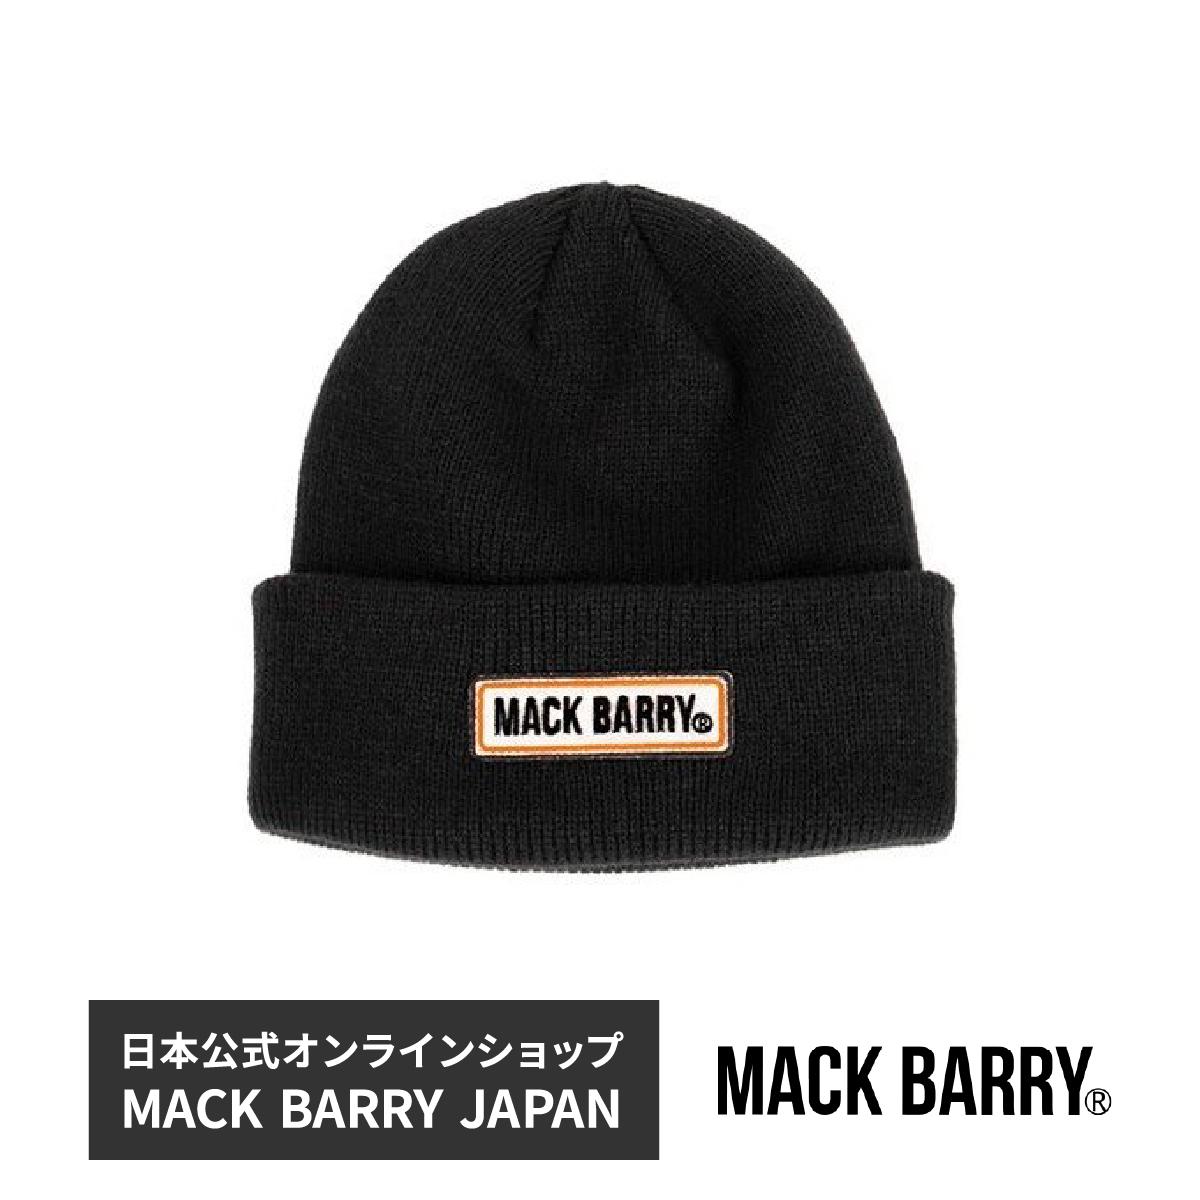 BTSをはじめ 韓国アーティストが多数着用する人気ヘッドウェアブランド MACK 正規認証品 新規格 BARRY 『1年保証』 JAPAN の公式ショップ BTS着用ブランド 韓流アイドル着用で話題のキャップブランド BOX LOGO レディース マクバリー BEANIE 国内正規品 ニット帽 ストリート カジュアル lady's men's ブラック